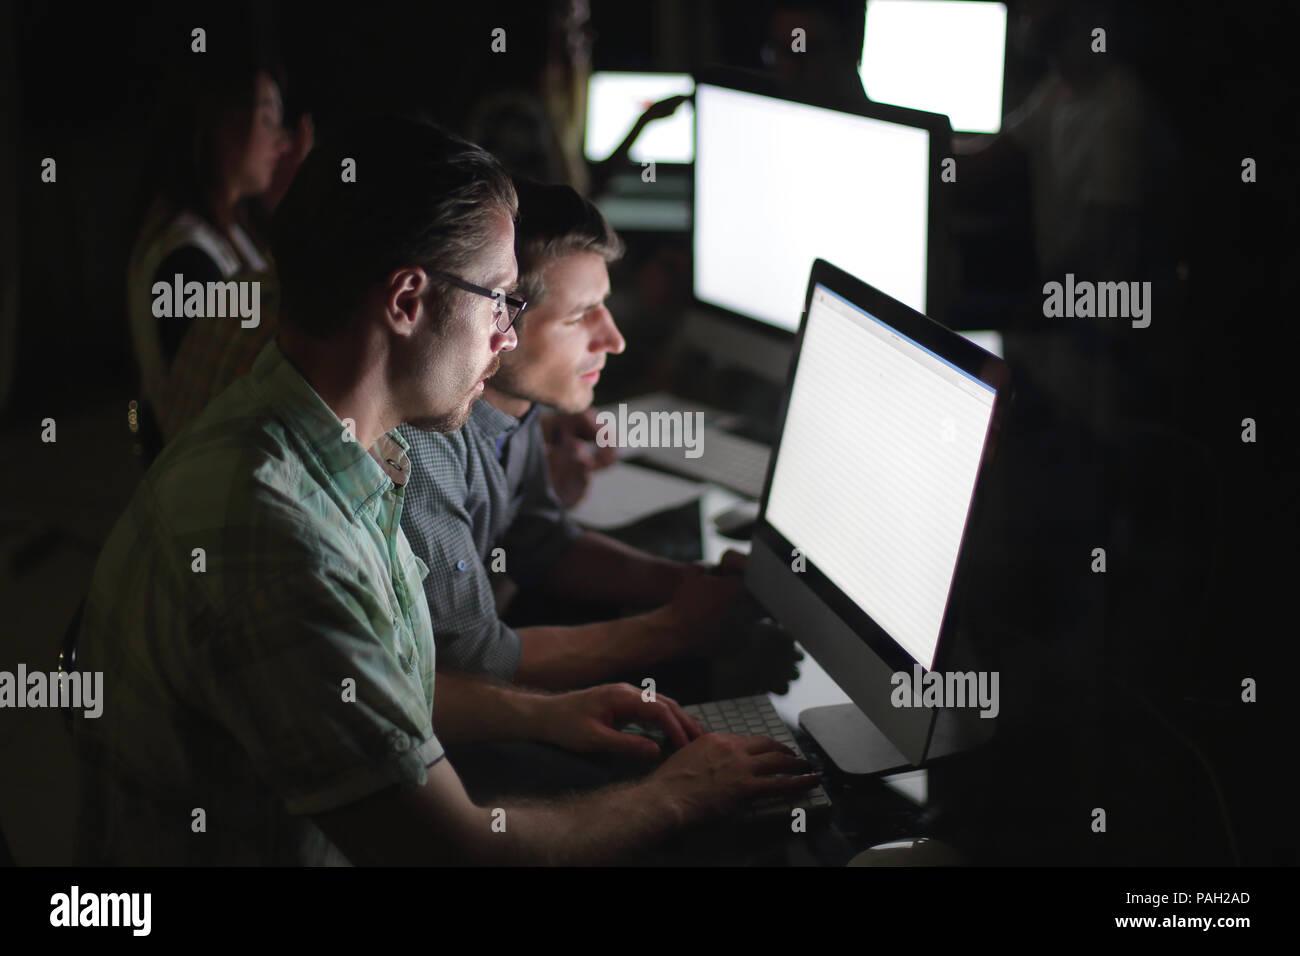 L'équipe d'affaires fonctionne sur ordinateurs le soir. Photo Stock